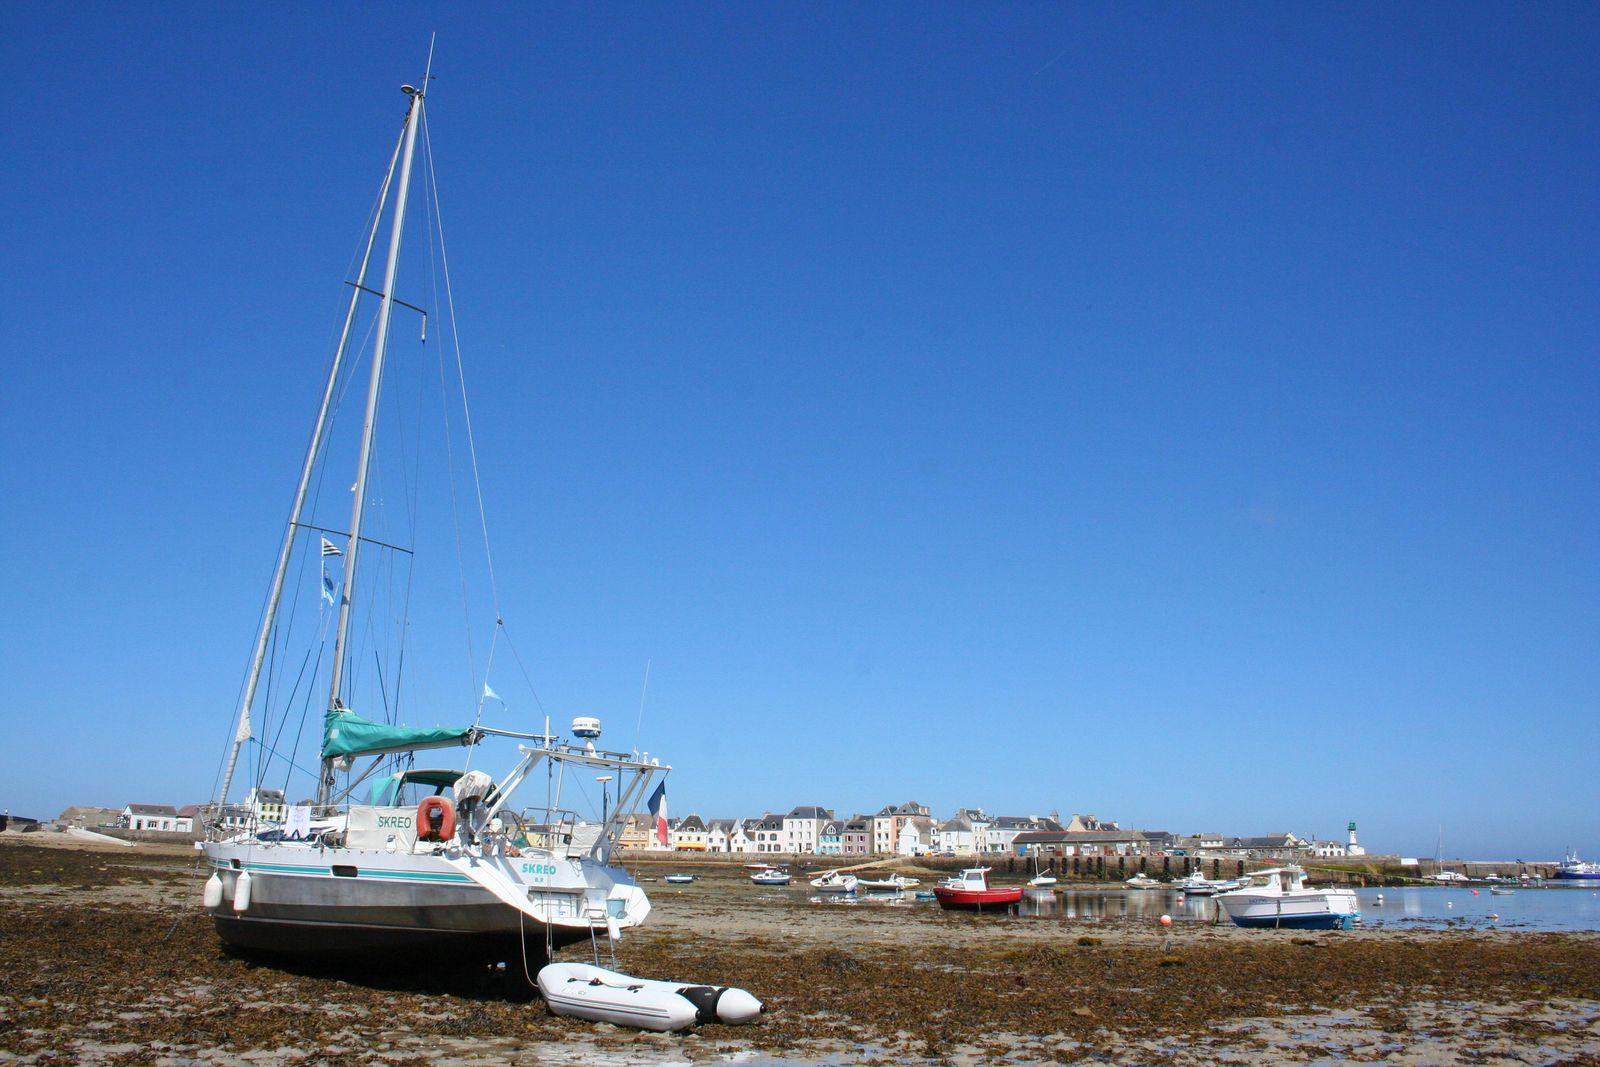 Skreo à la basse-mer dans l'anse-sud du port de Sein.